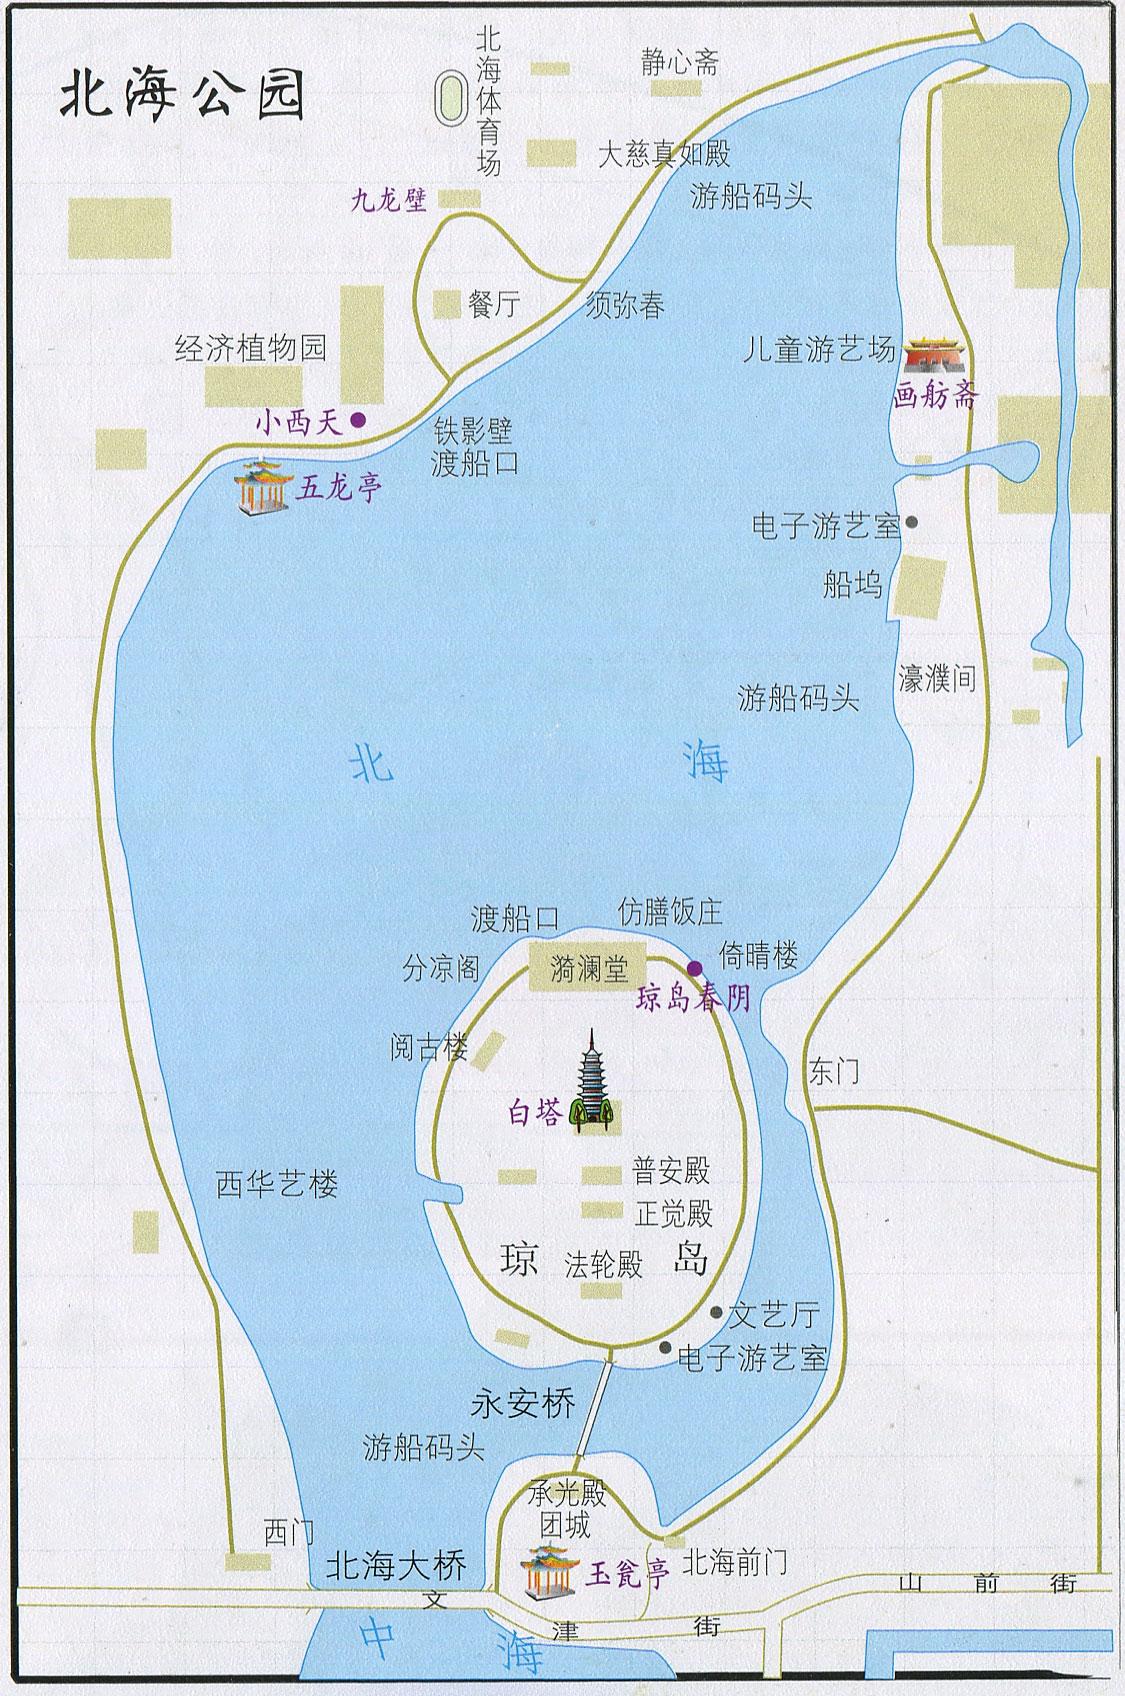 北海公园导游图_北京旅游地图库